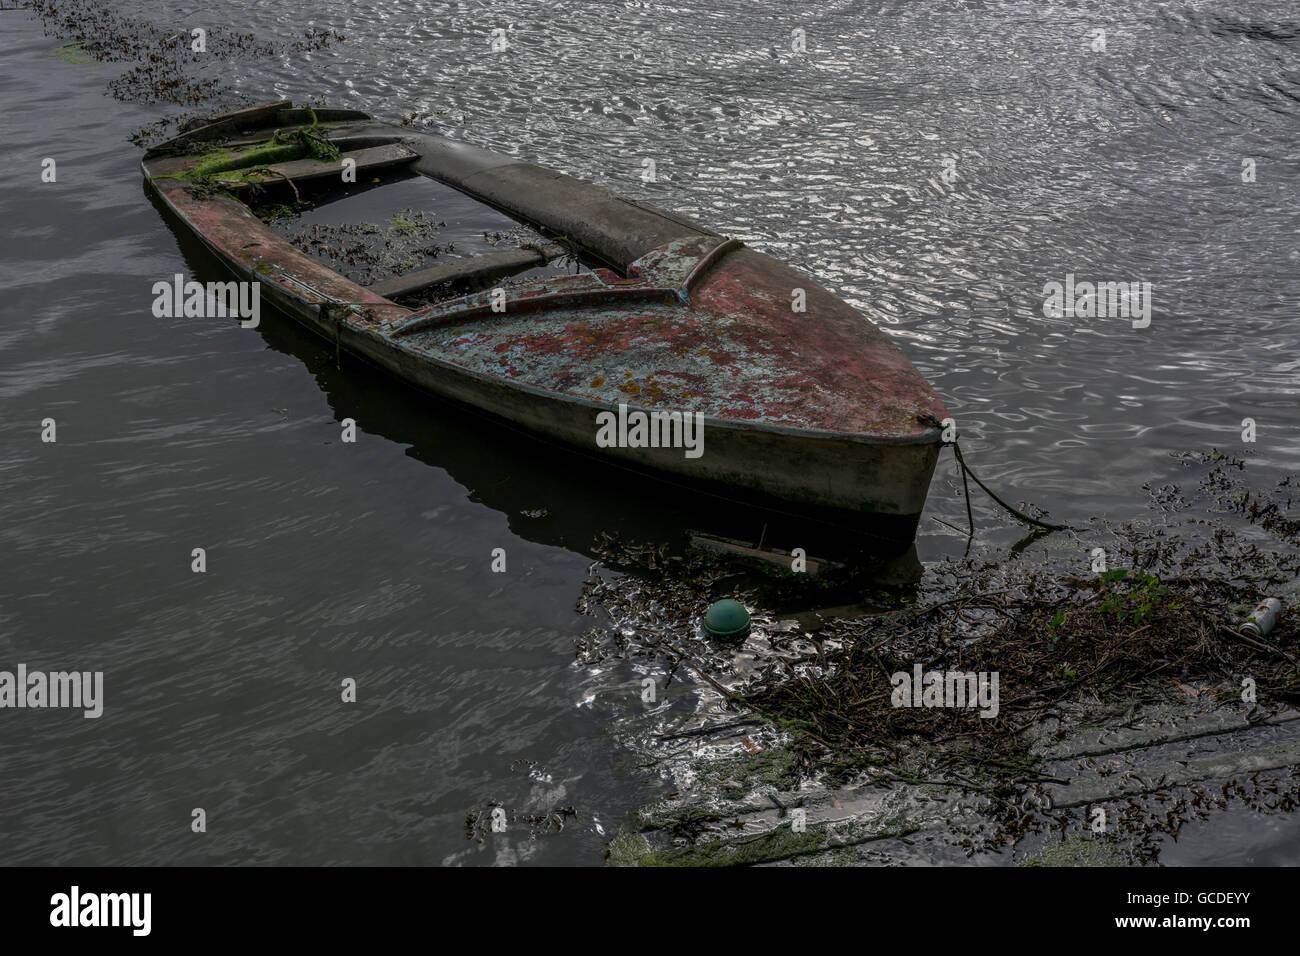 Sinking Ship Concept Stock Photos Amp Sinking Ship Concept